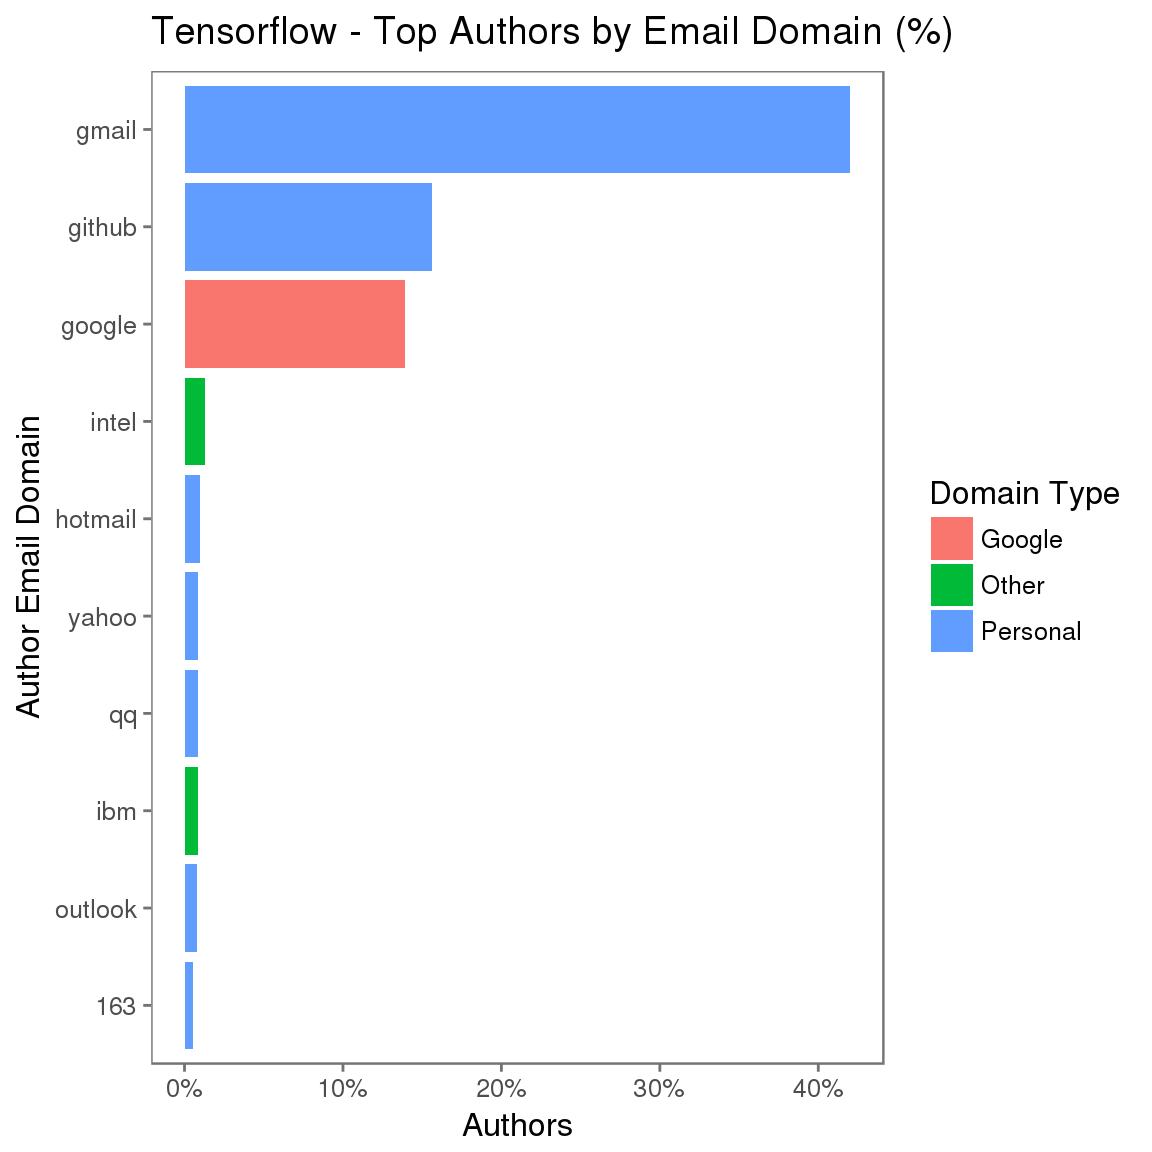 Tensorflow – 每个电子邮件域的作者比例